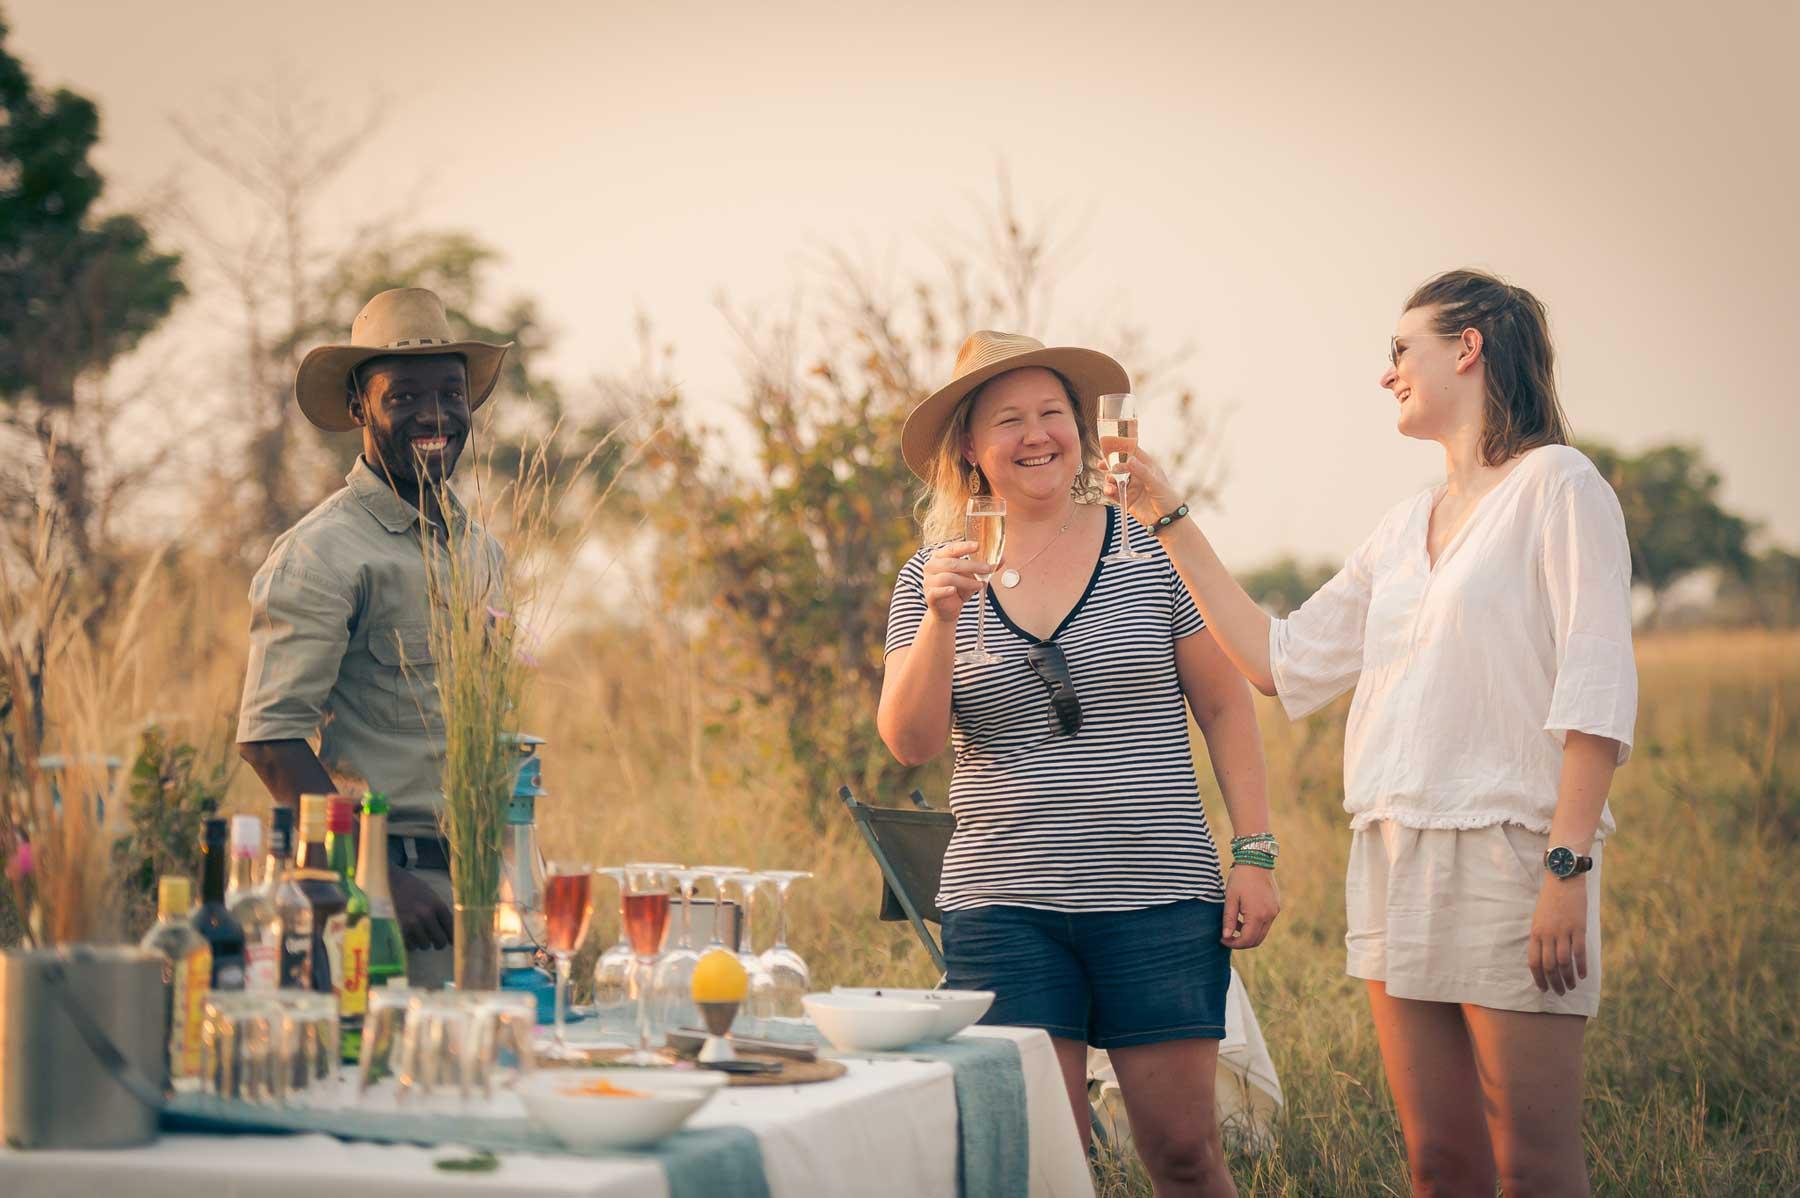 Sundowners : Image by Em Gatland